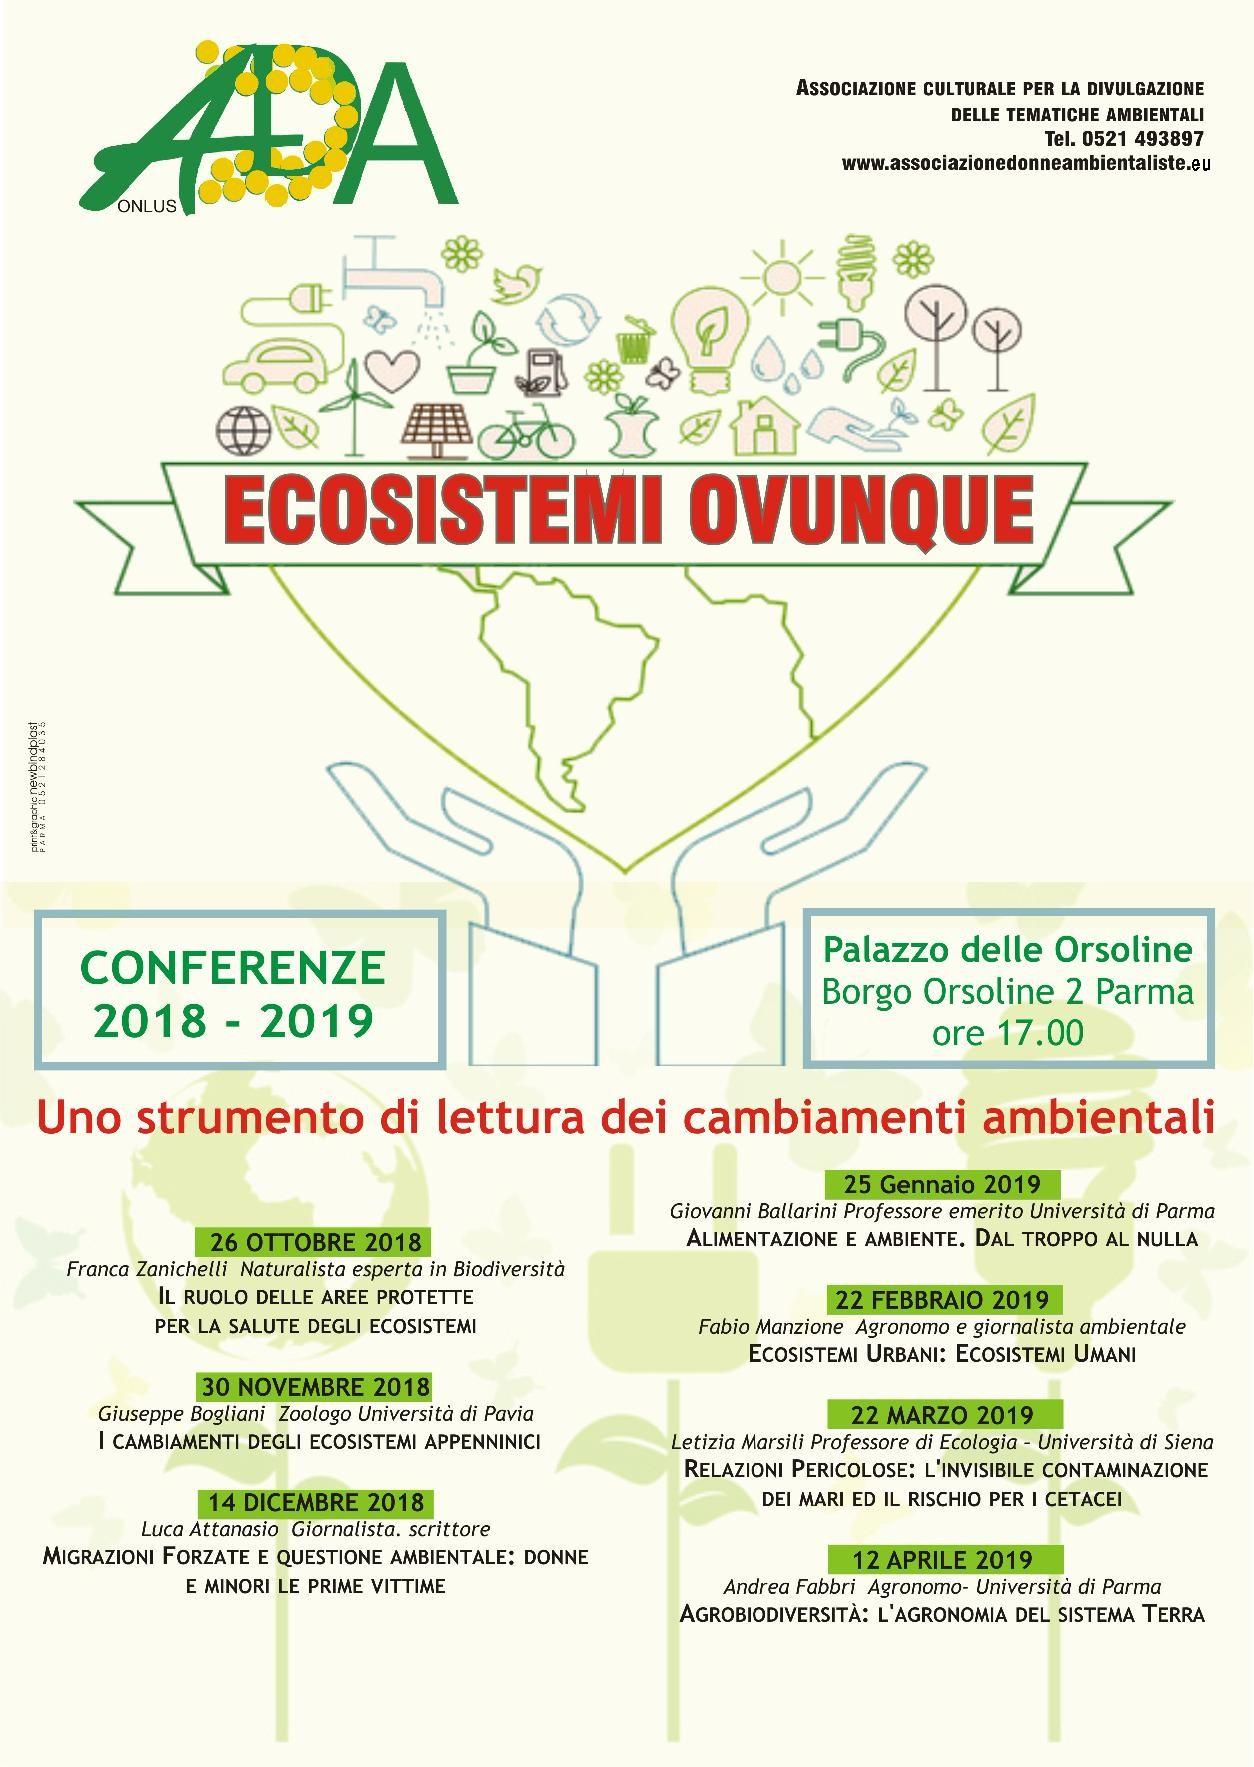 """""""Agrobiodiversità: l' agronomia del sistema Terra"""" con Andrea Fabbri, agronomo dell' Università di Parma"""